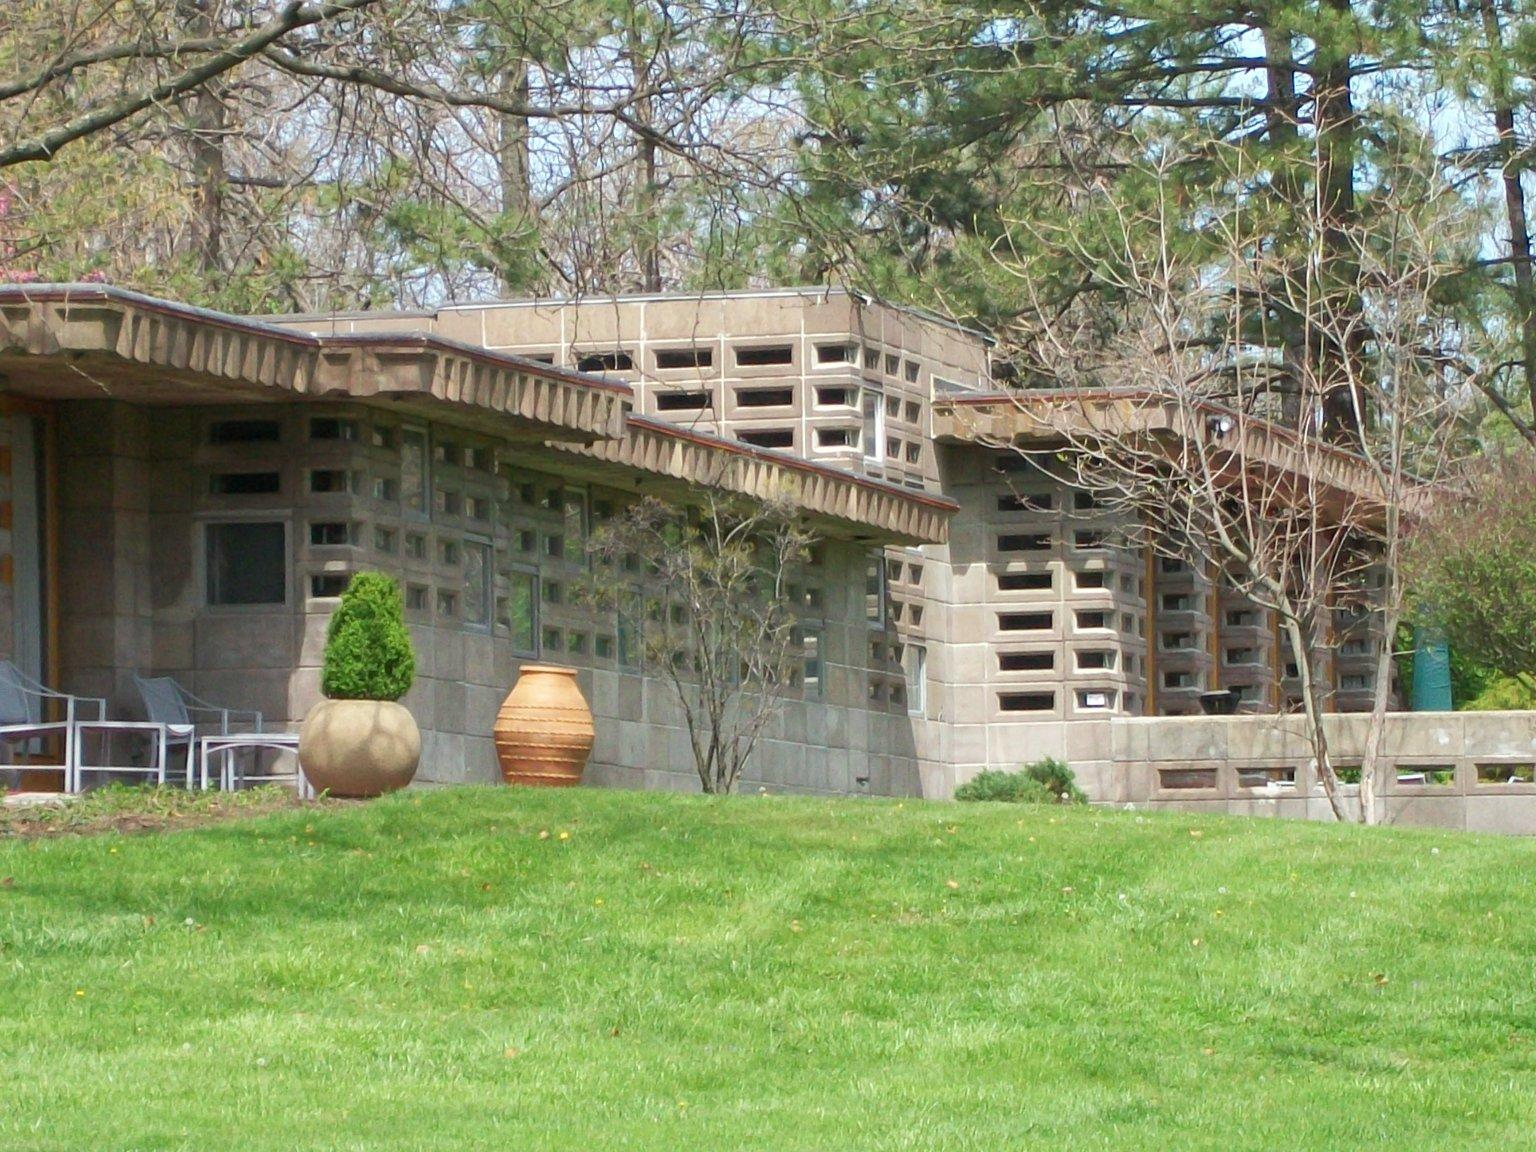 Gerald B. Tonken's Residence